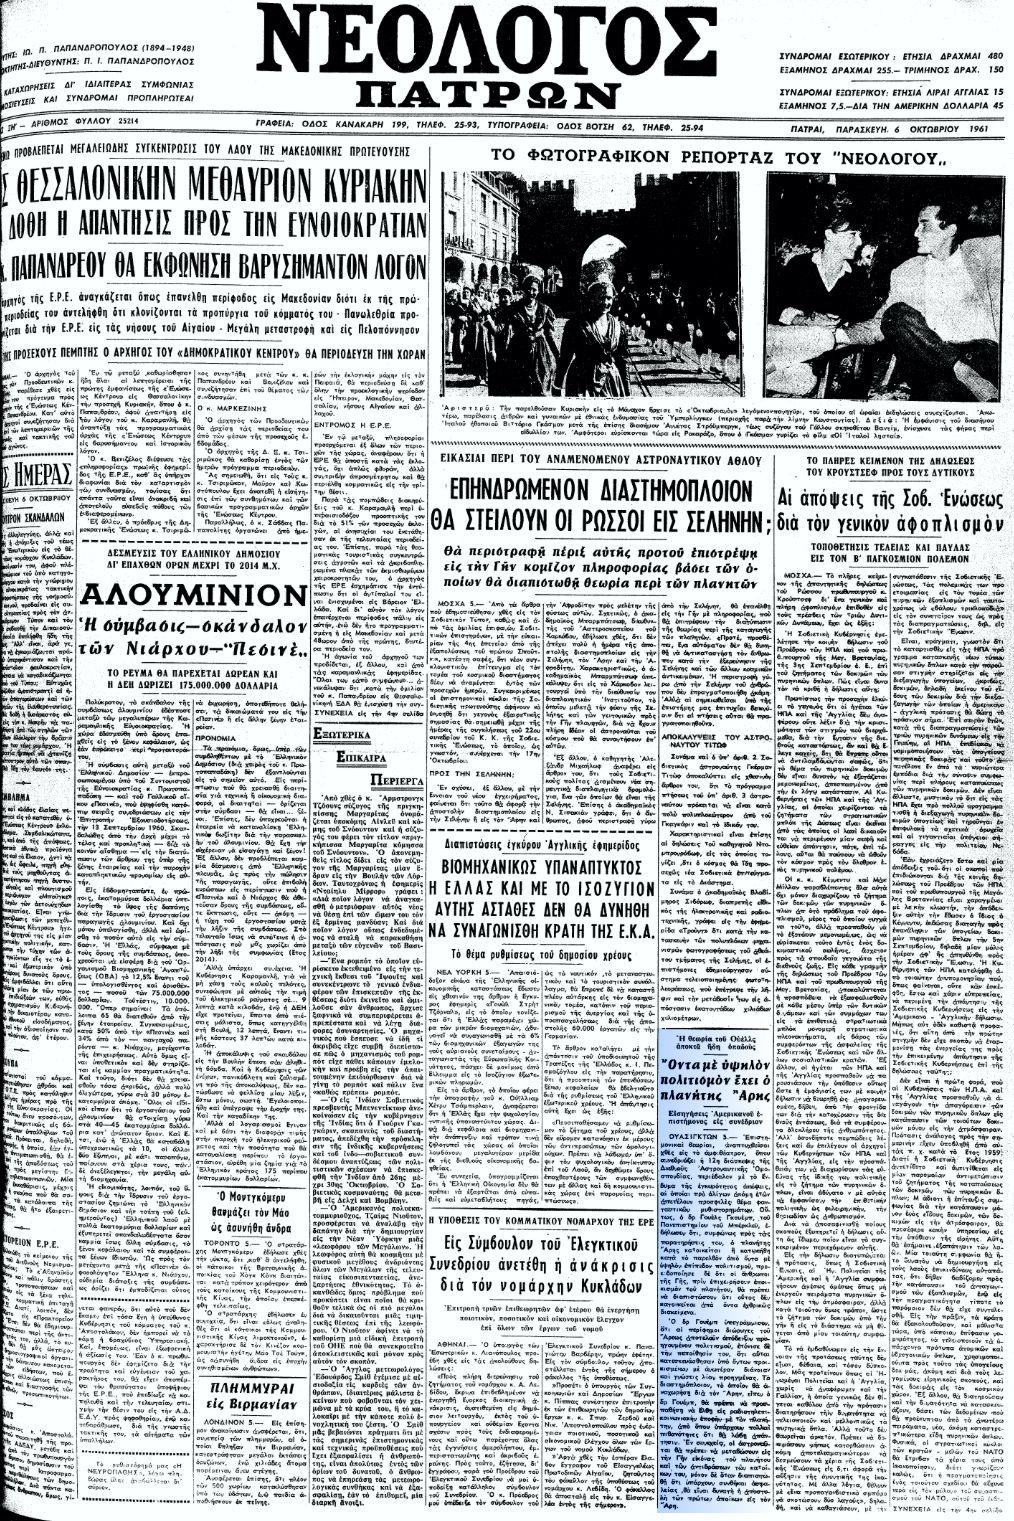 """Το άρθρο, όπως δημοσιεύθηκε στην εφημερίδα """"ΝΕΟΛΟΓΟΣ ΠΑΤΡΩΝ"""", στις 06/10/1961"""